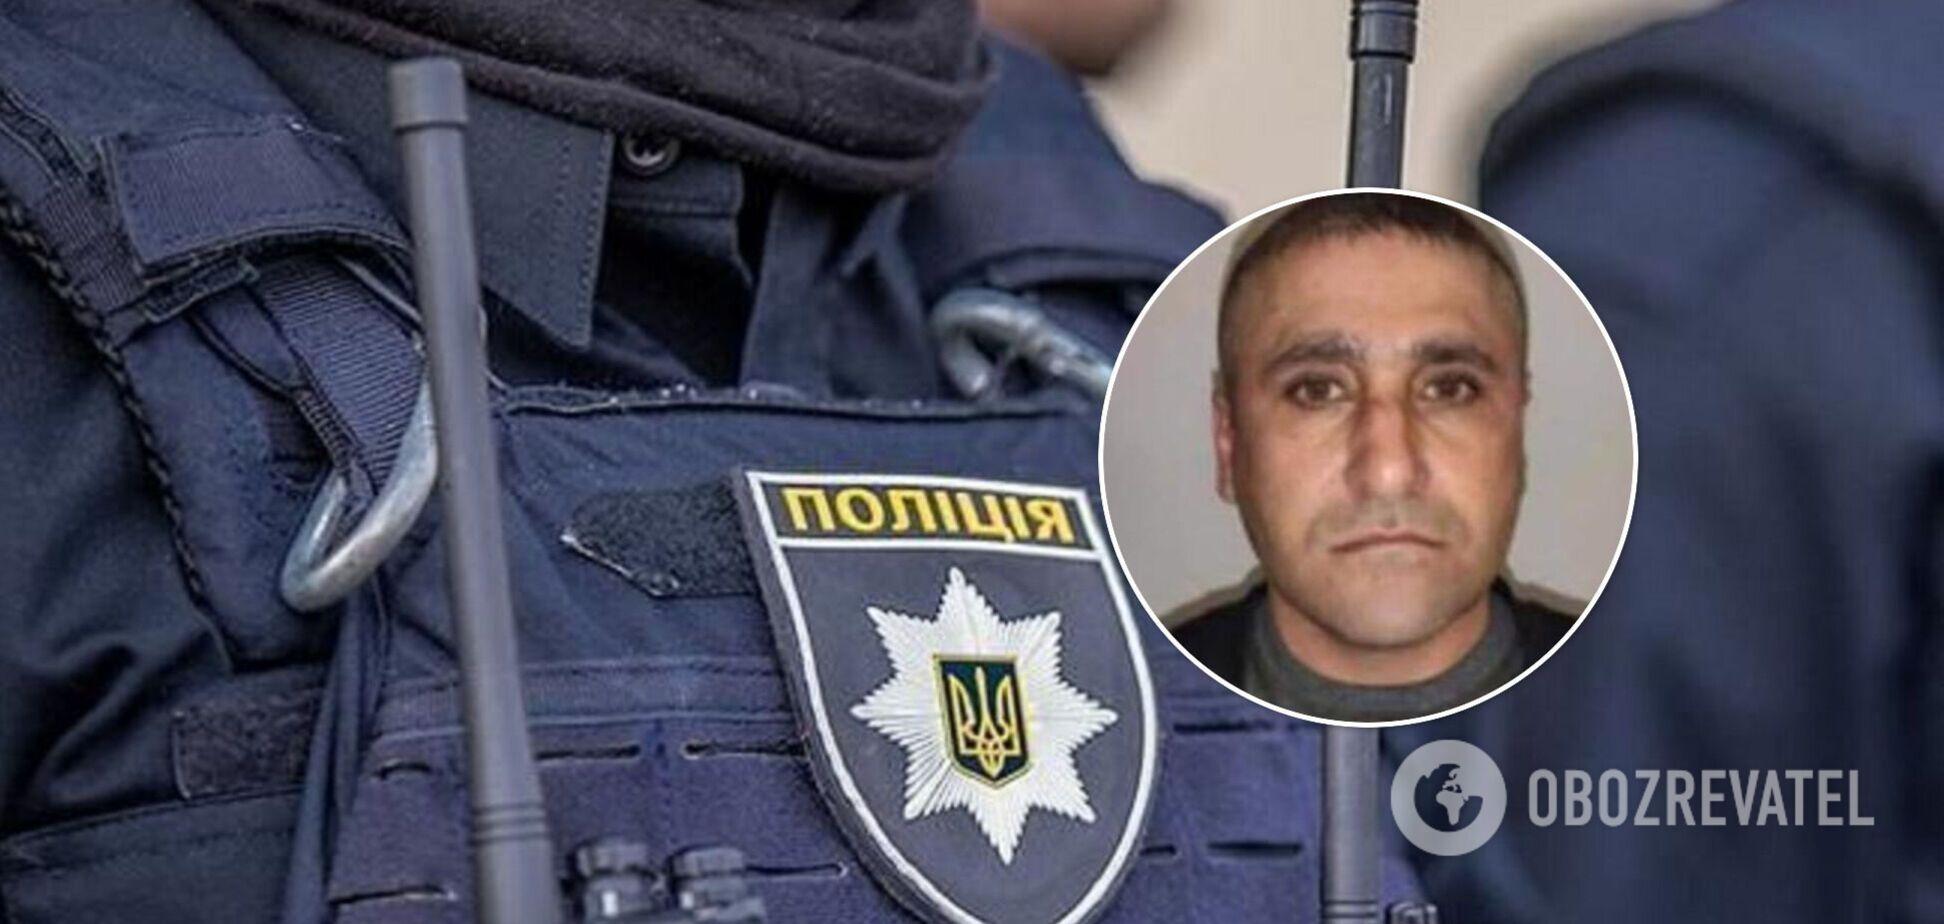 На Київщині оголосили спецоперацію через іноземця, який втік із зали суду. Фото